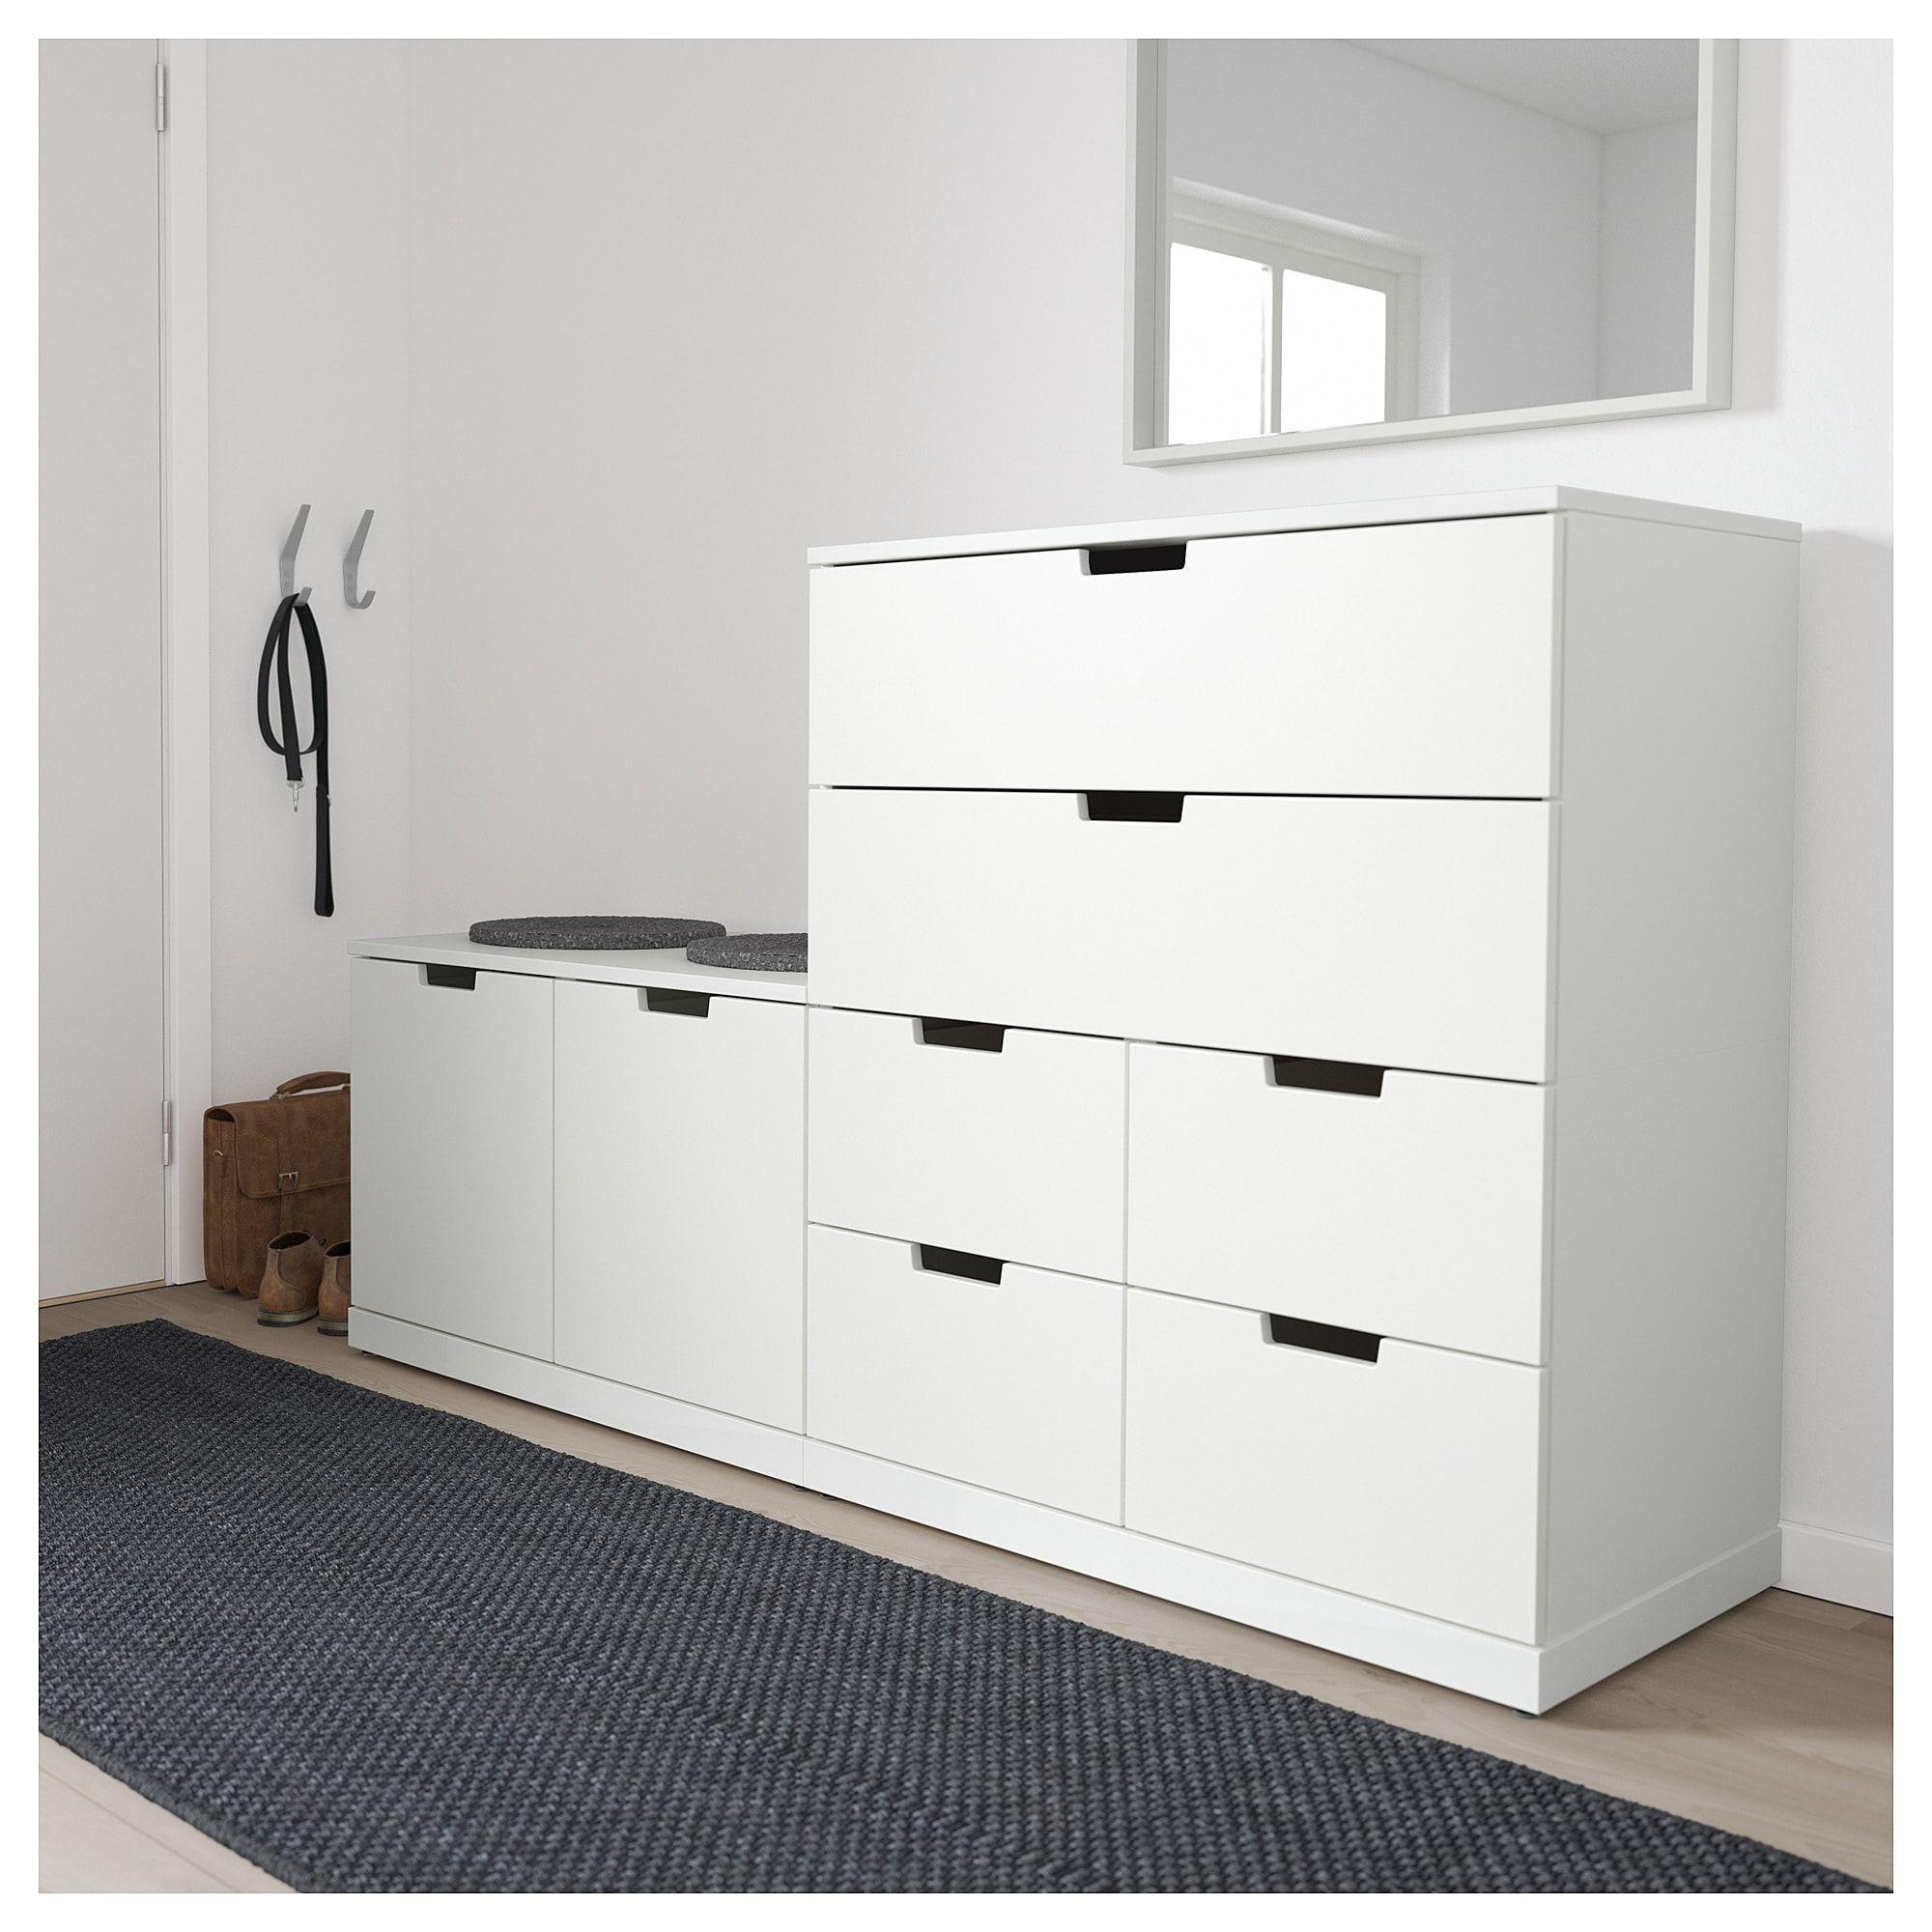 Nordli Kommode Mit 8 Schubladen Weiss 160x99 Cm Hier Kaufen Ikea Osterreich 160x99 Hier Ikea Kaufen Kom In 2020 Dresser Drawers 8 Drawer Dresser Ikea Nordli